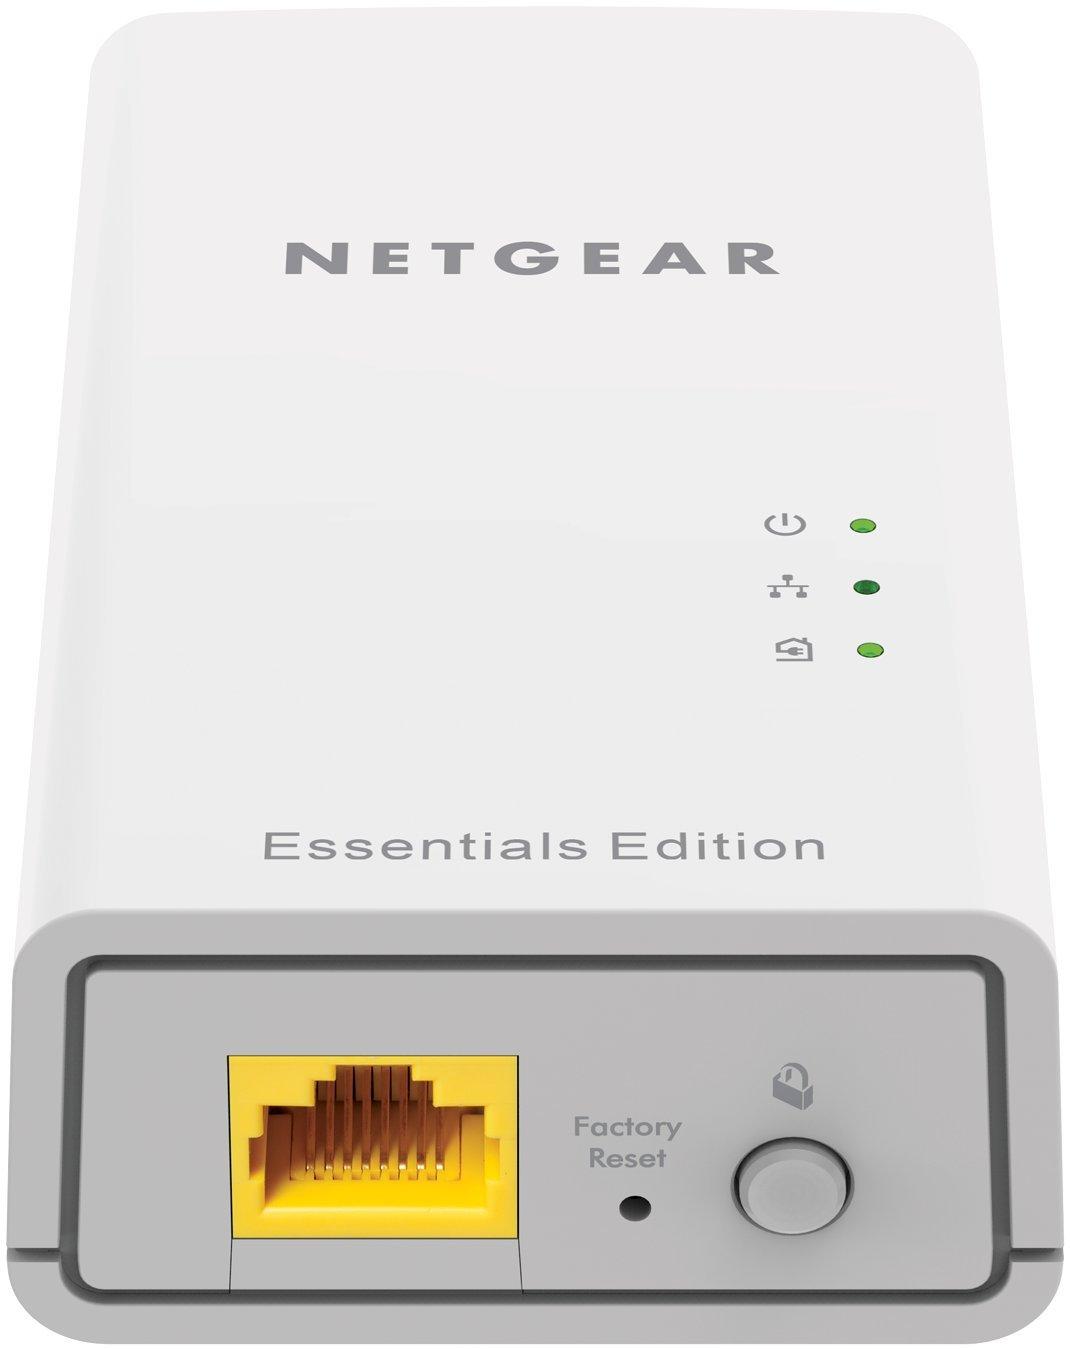 NETGEAR PowerLINE 1000 Mbps, 1 Gigabit Port - Essentials Edition (PL1010-100PAS) by NETGEAR (Image #5)